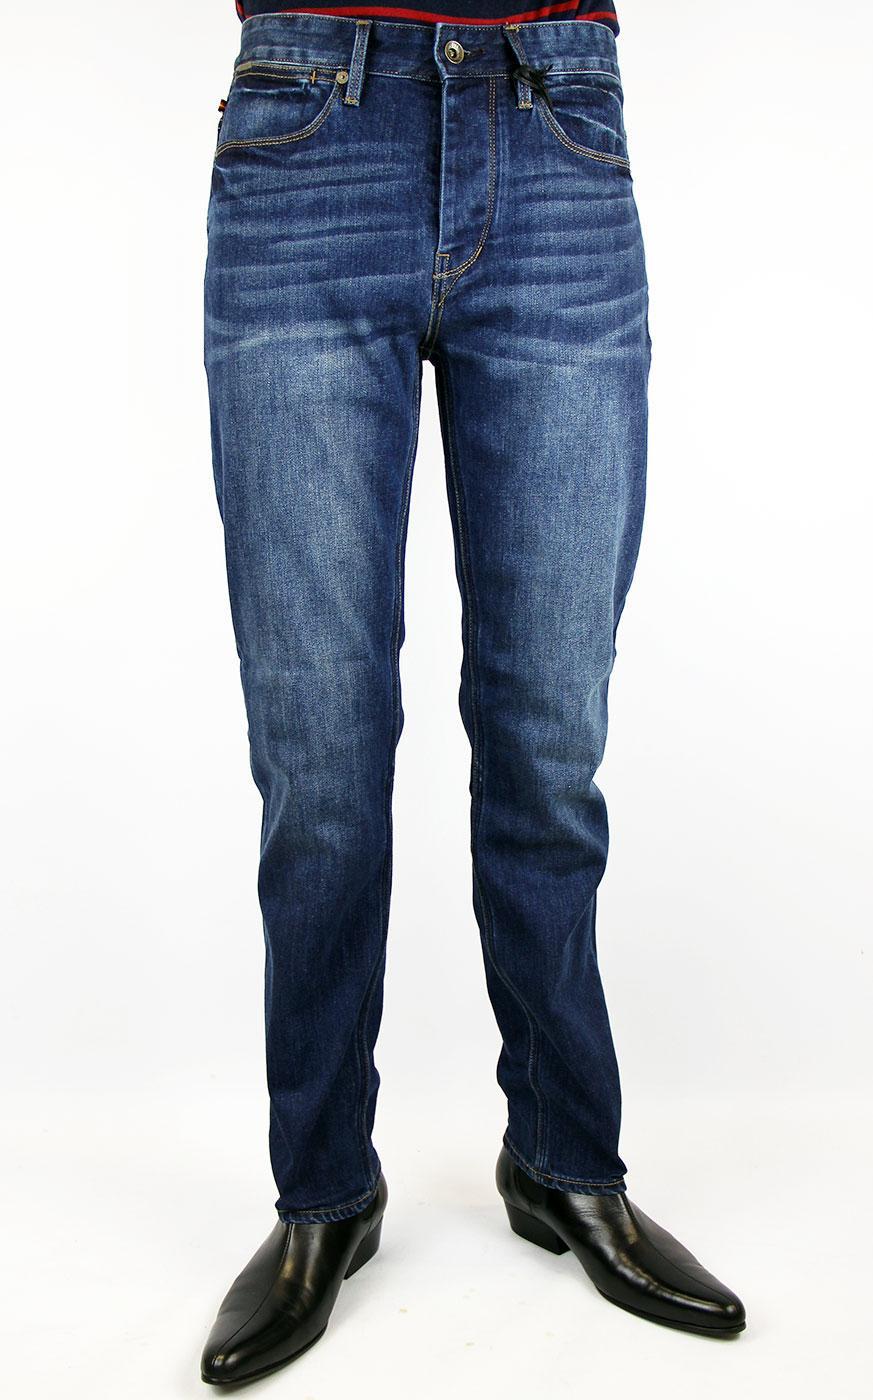 Freddie LUKE 1977 Indie Slim Straight Leg Jeans MB